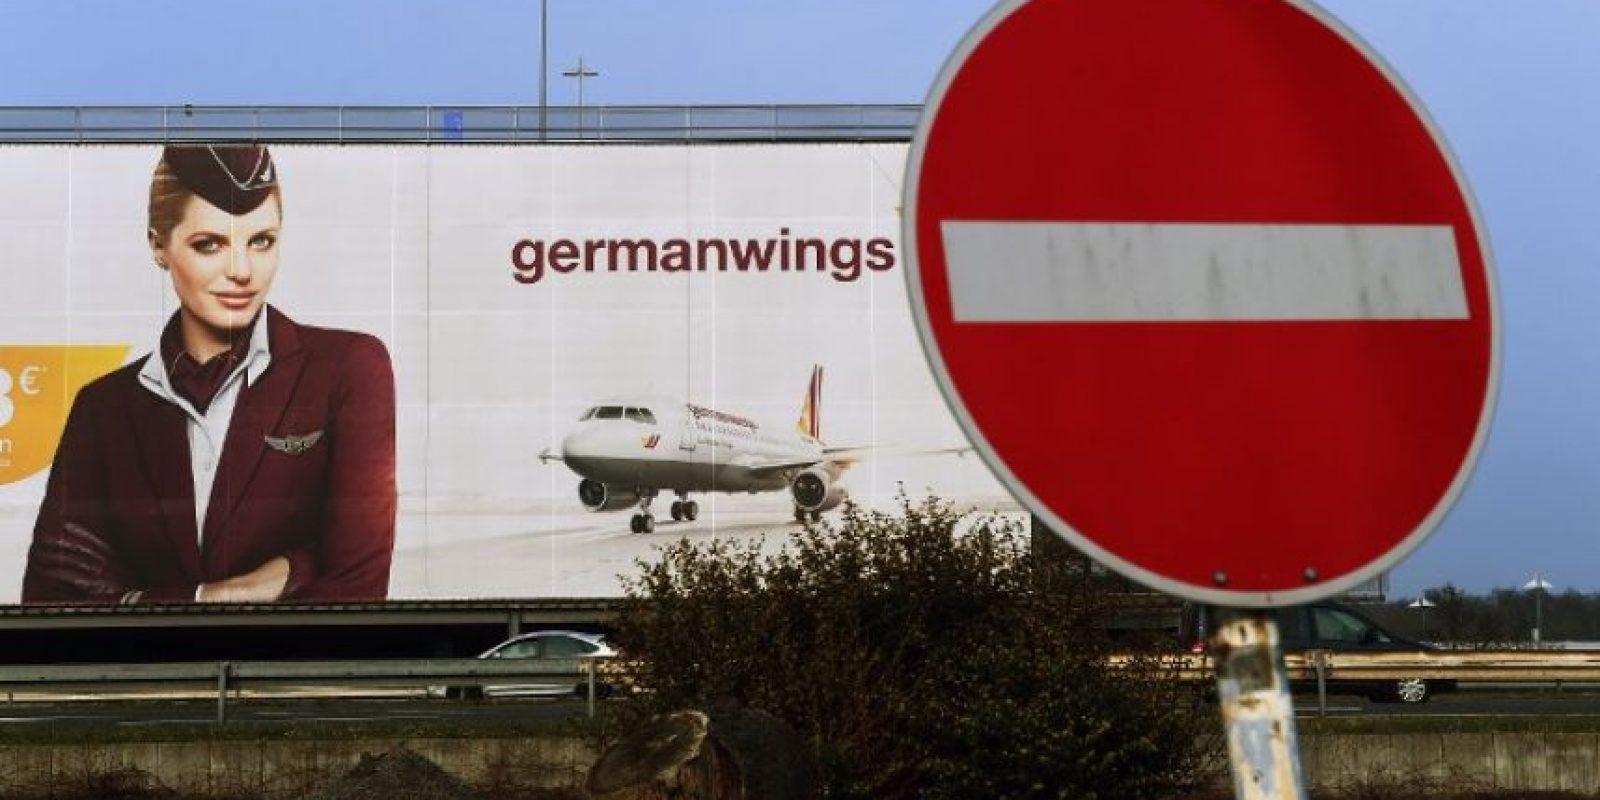 Anuncio de la aerolínea Germanwings al oeste de Alemania Foto:AFP